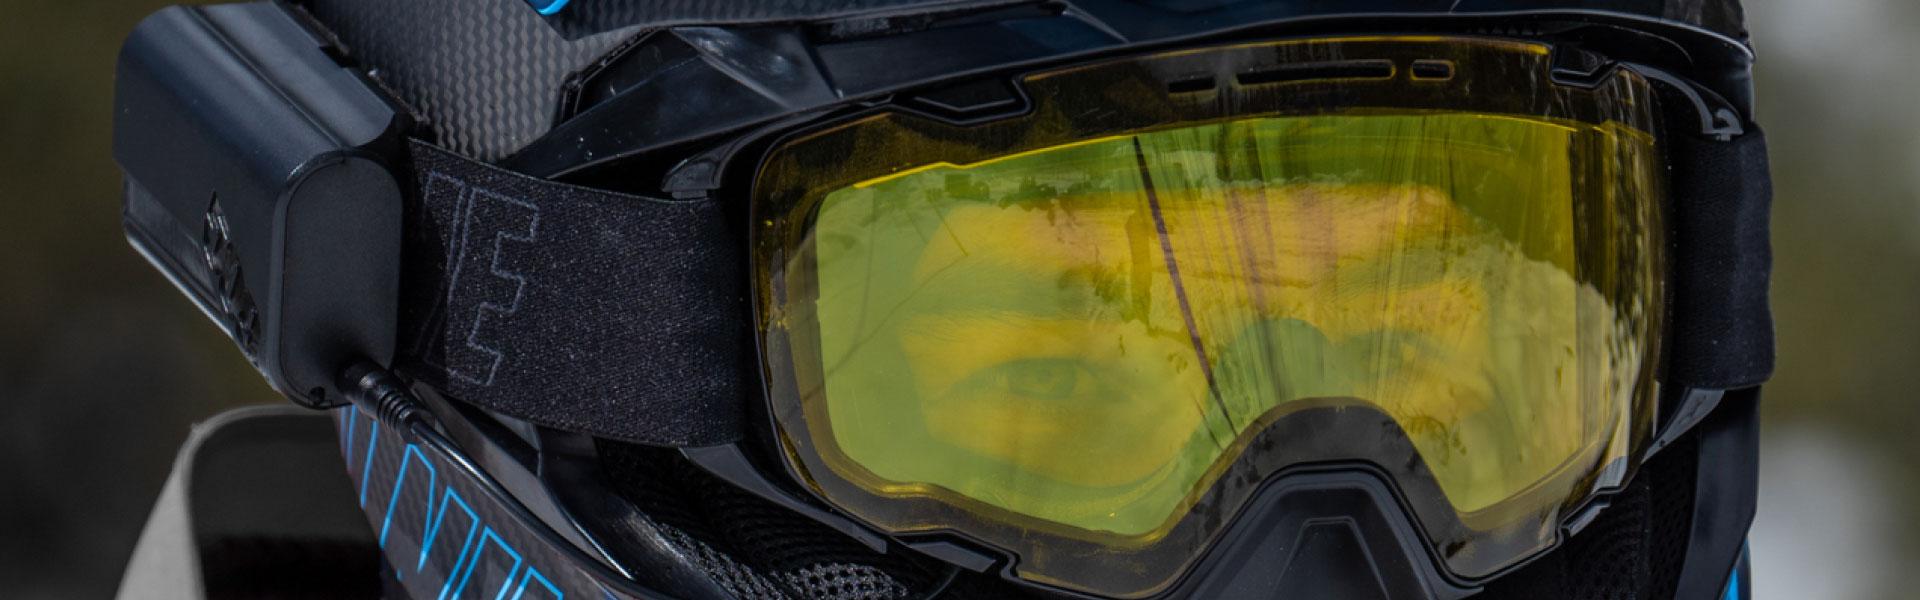 509 Aviator 2.0 Ignite Goggle